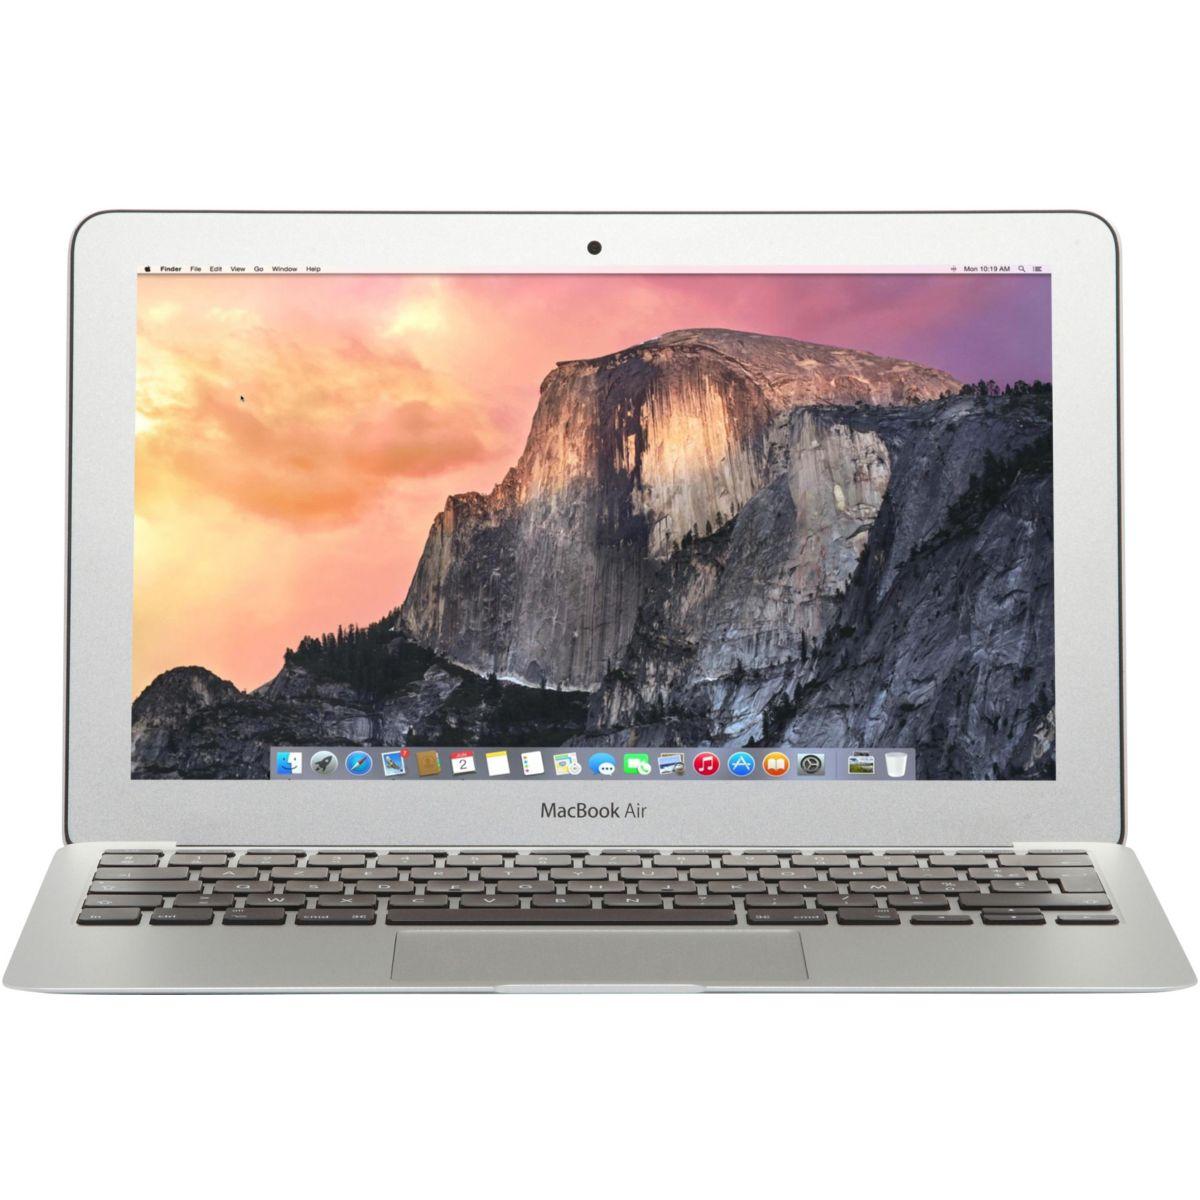 APPLE Macbook Air 11.6 i5 1.6GHz 4Go 128Go (photo)